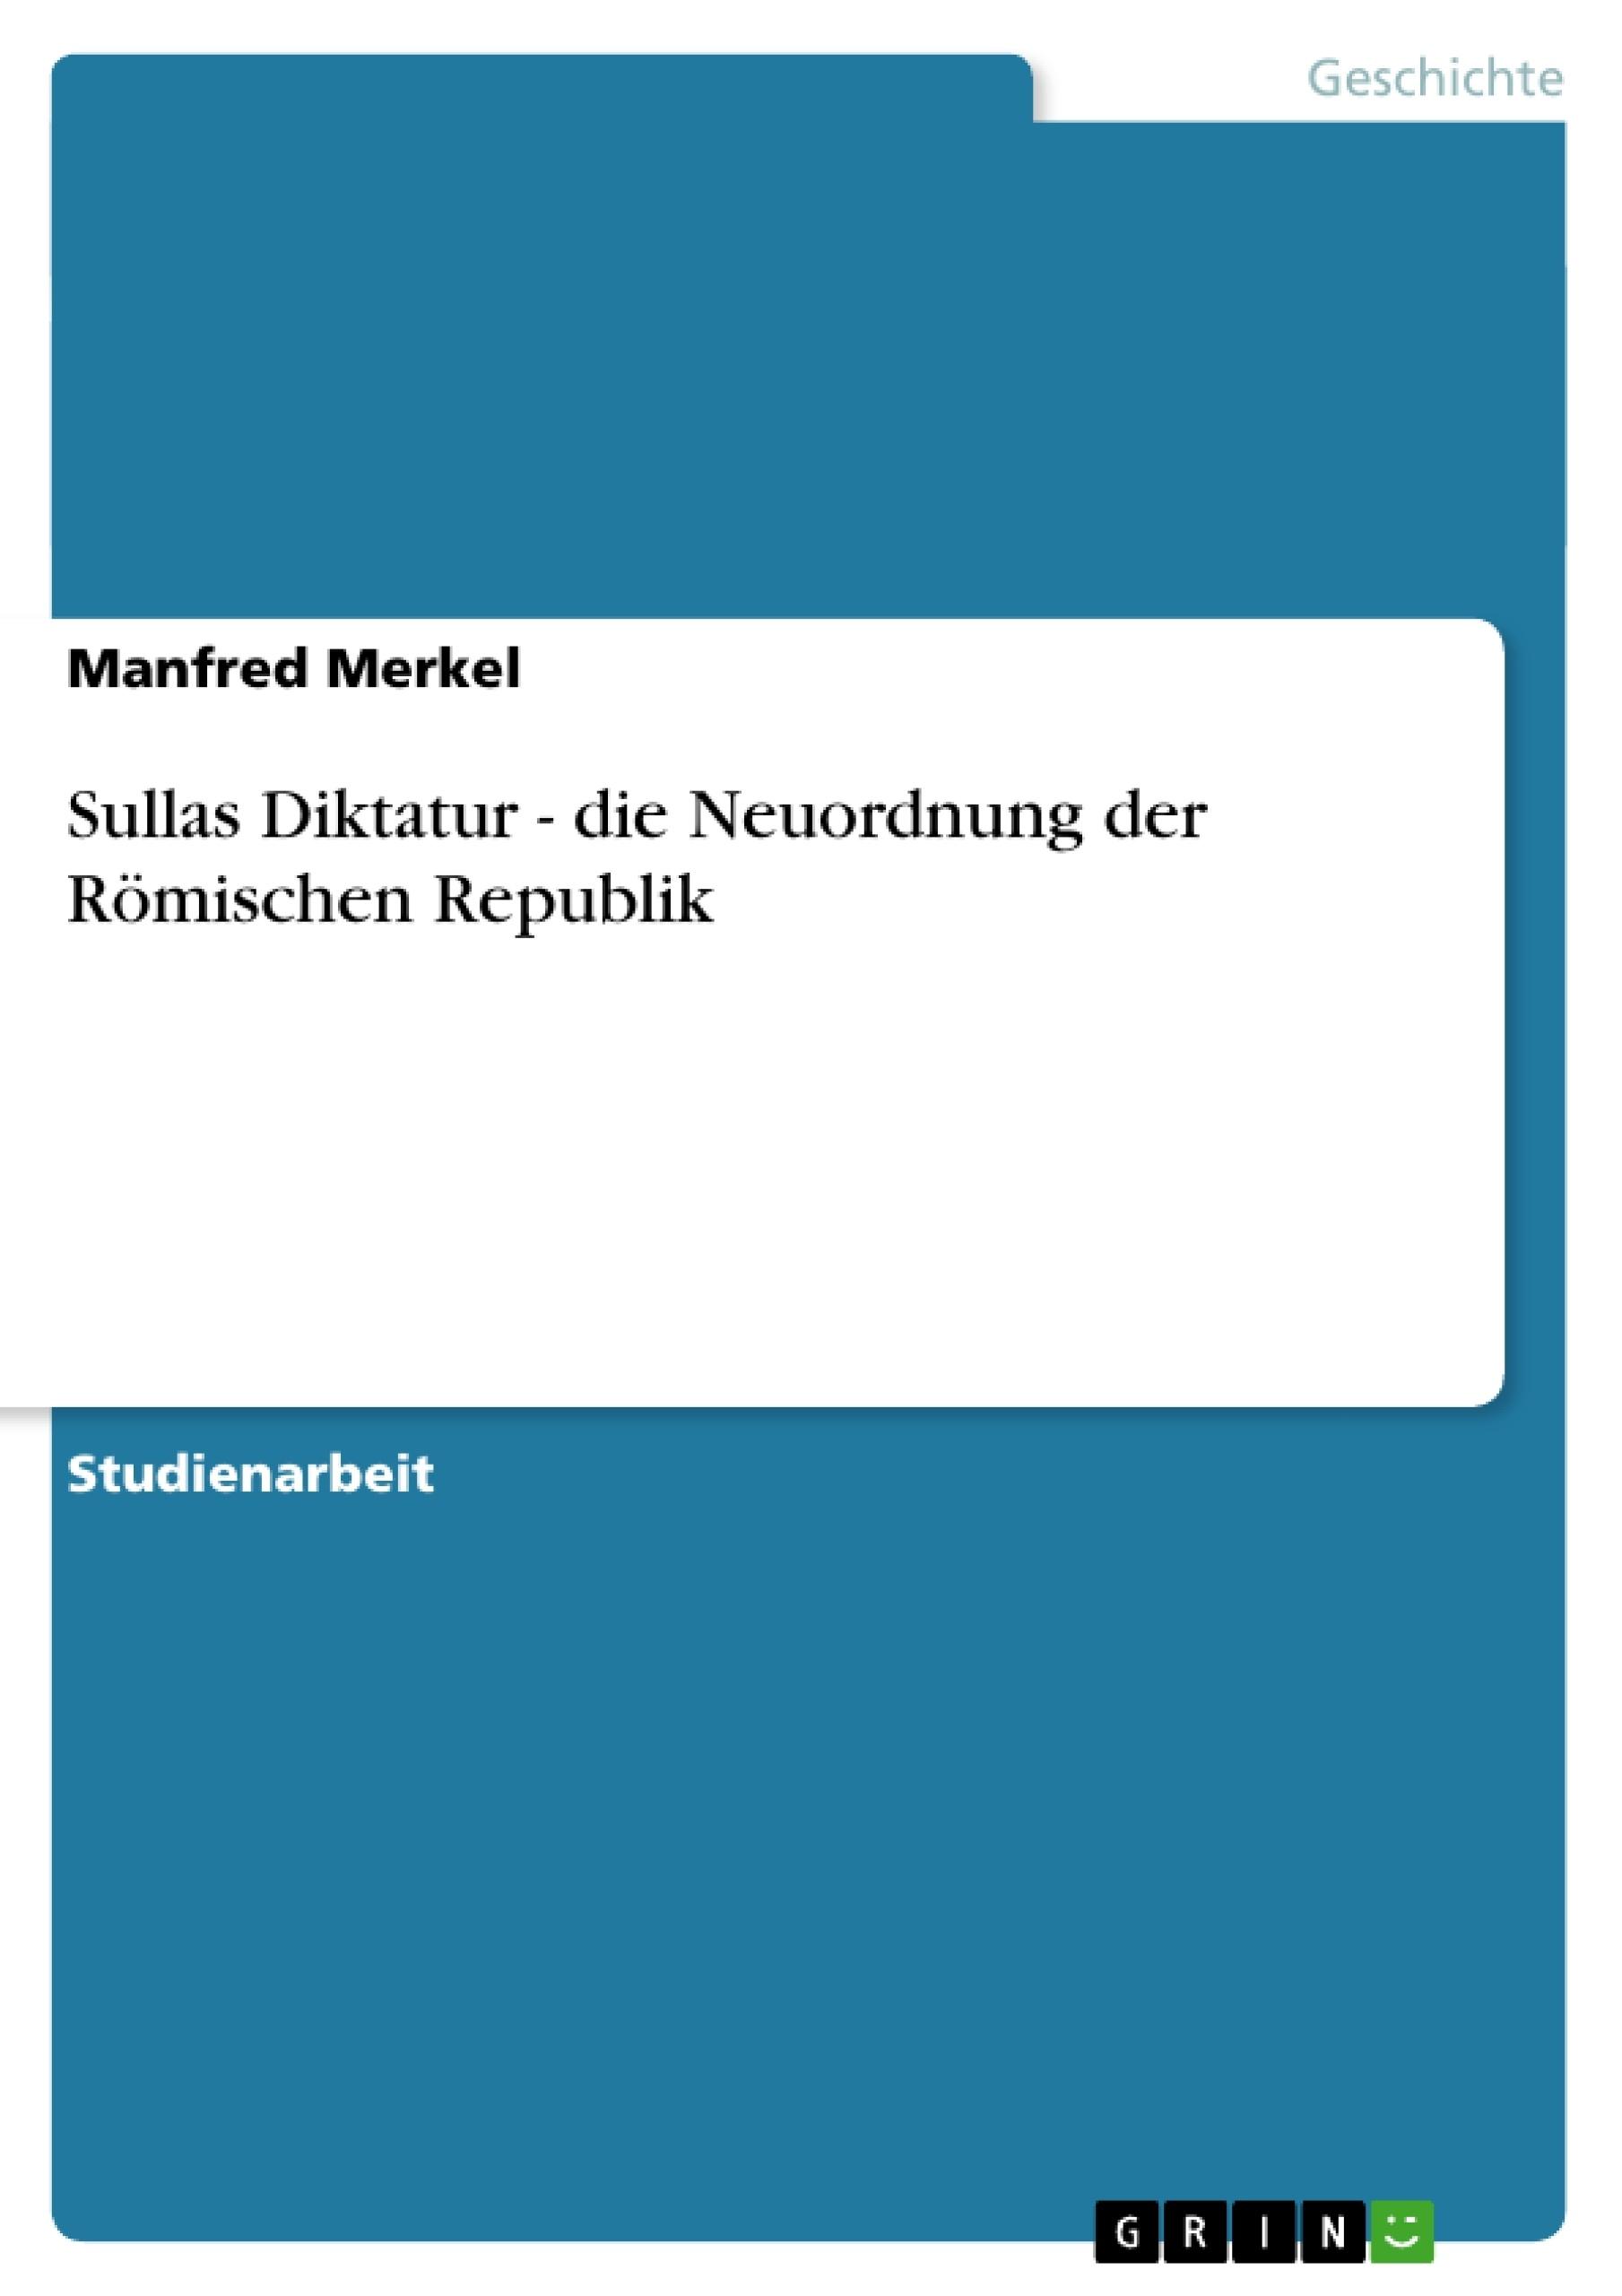 Titel: Sullas Diktatur - die Neuordnung der Römischen Republik